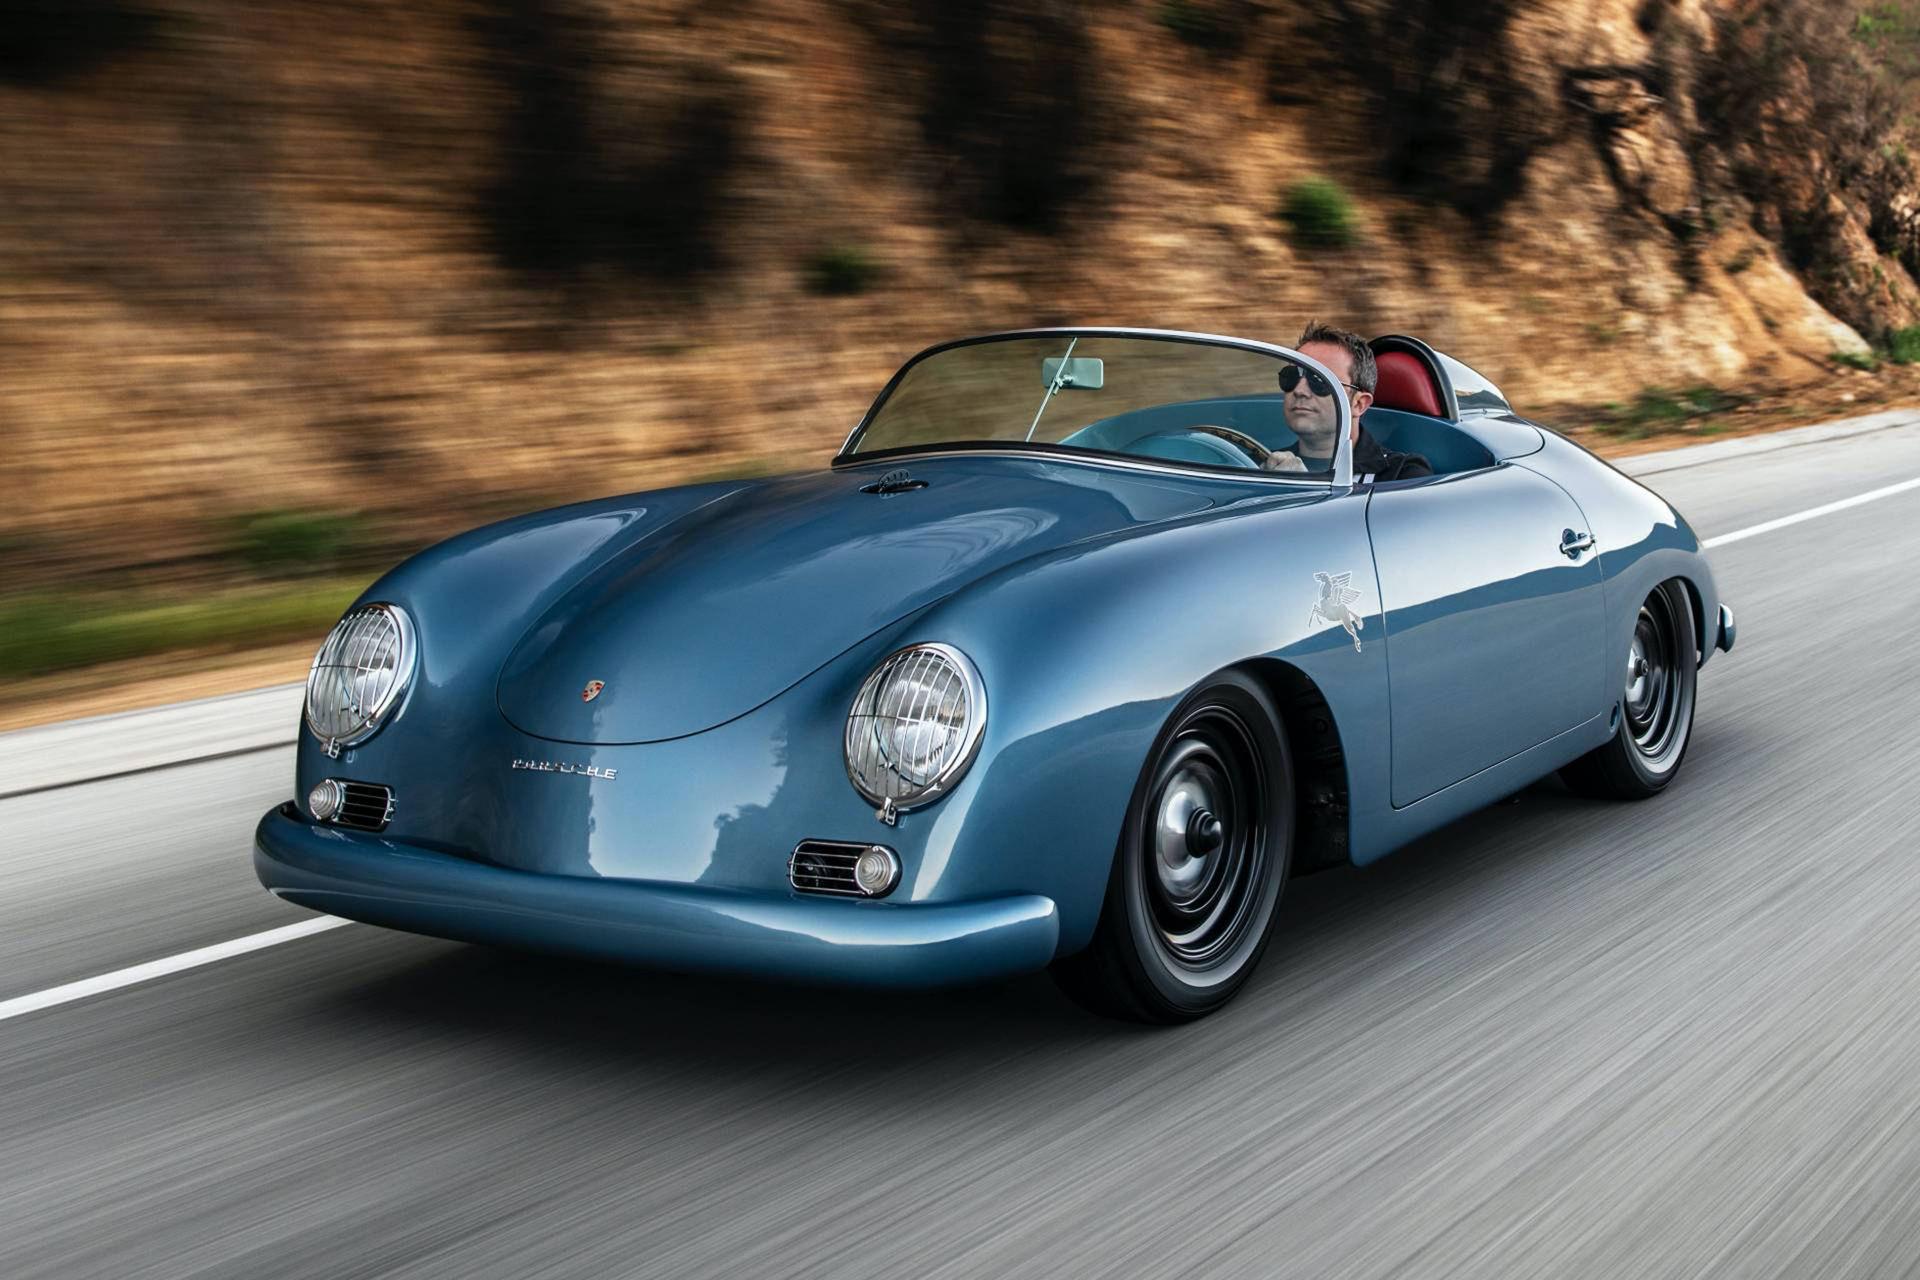 Emory Motorsports har byggt en Porsche 356 Speedster